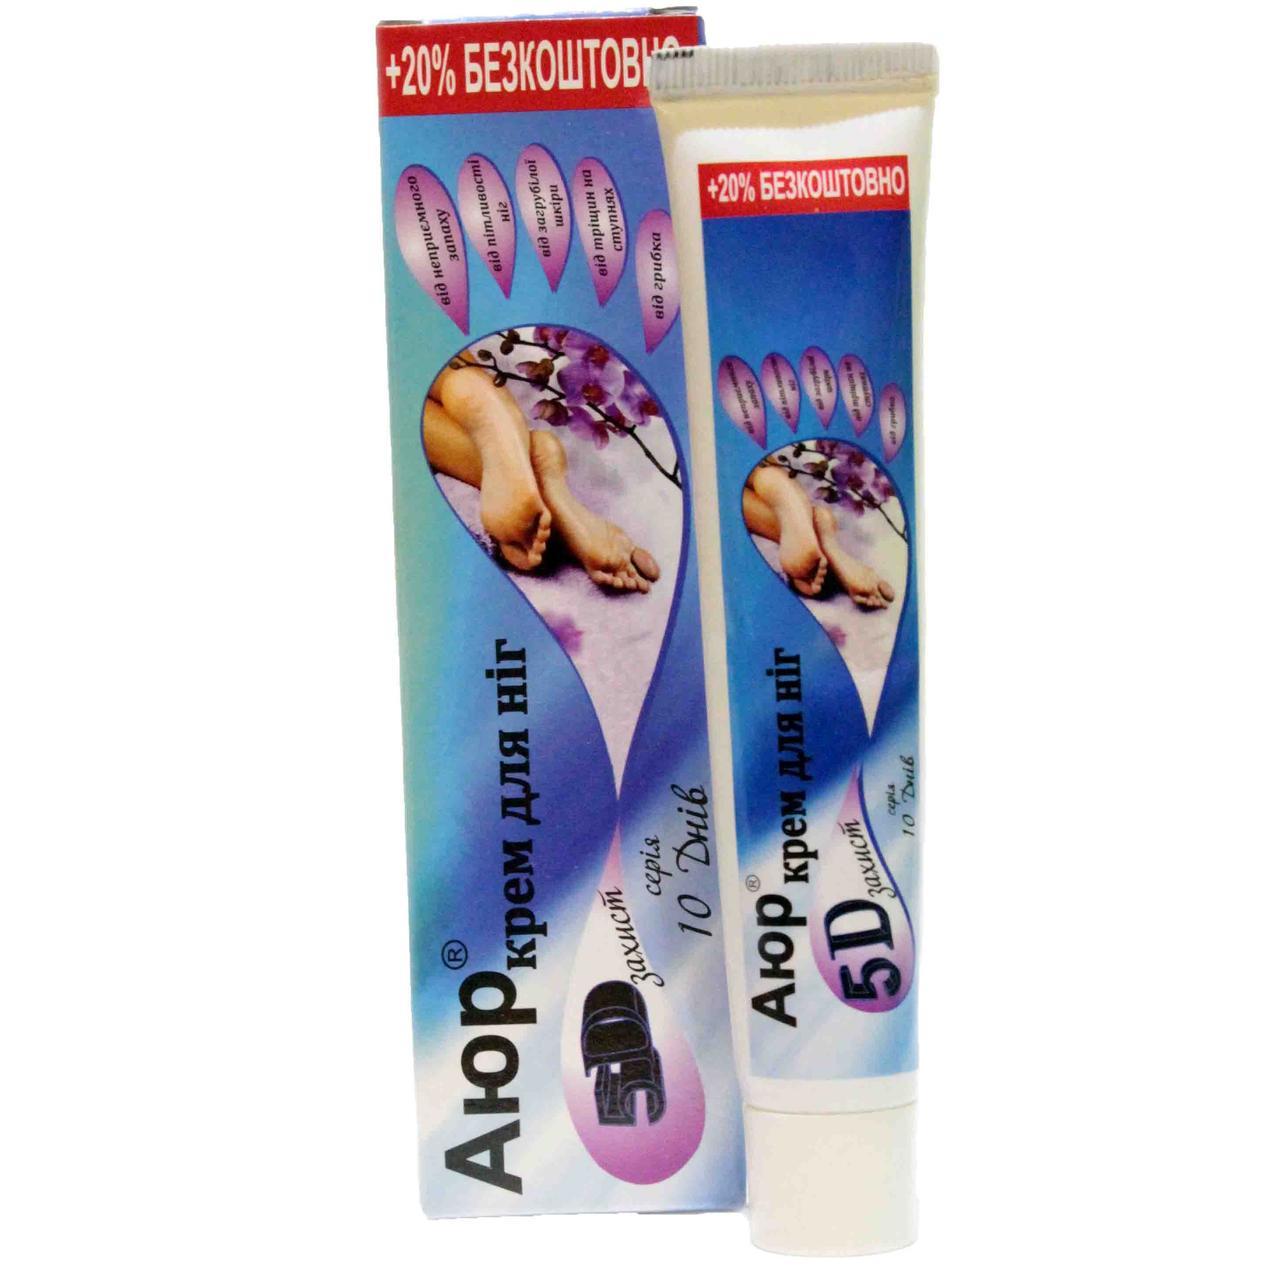 Аюрведический крем Боро аюр для ног. 5D защита от запаха, загрубевшей кожи, трещин, грибка, потливости, 30 г